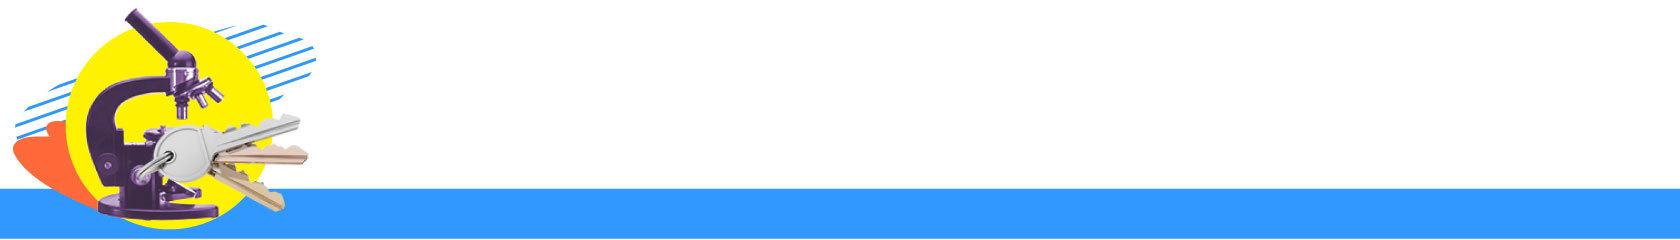 Guia de Pesquisa de Palavras-chave da SEMrush. Imagem 0